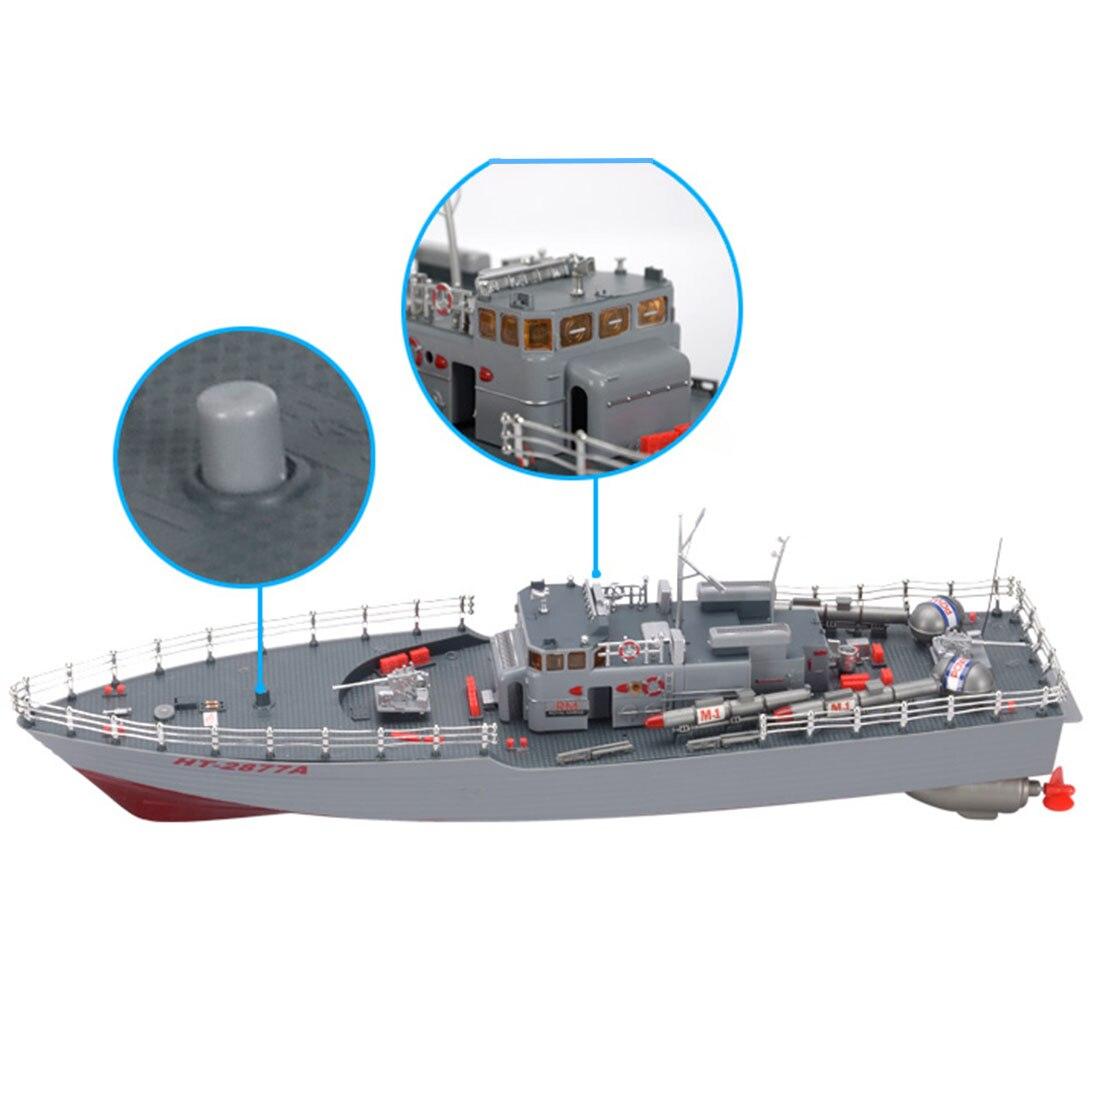 50 cm 1:115 RC bateau jouets télécommande bateau de guerre modèle militaire bateau jouet pour l'armée Fans présent cadeau-US Plug - 3